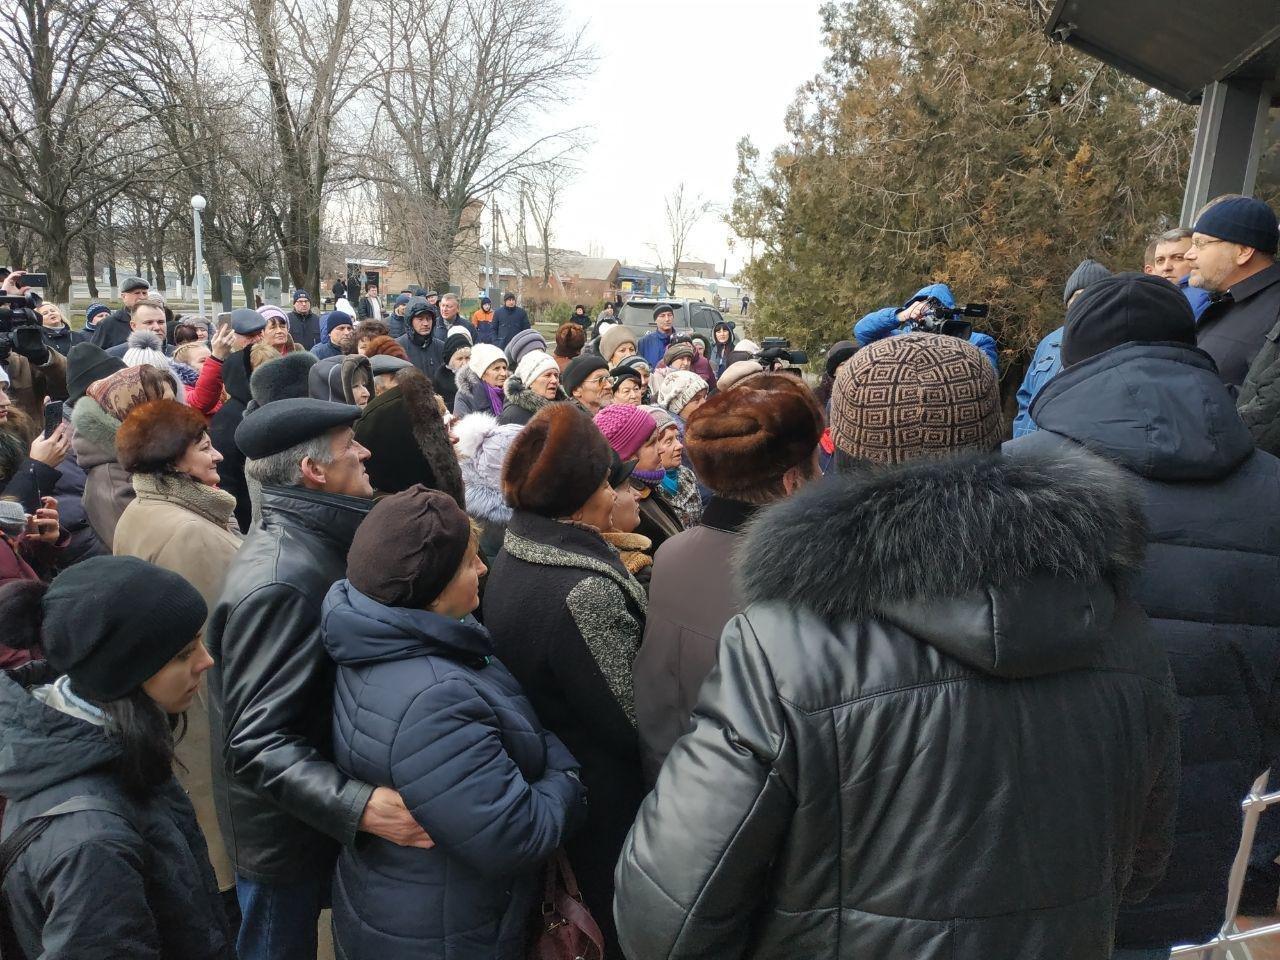 Вилкул заявил о провокации: люди в масках пытались сорвать его встречу с избирателями в Мангуше, фото-3